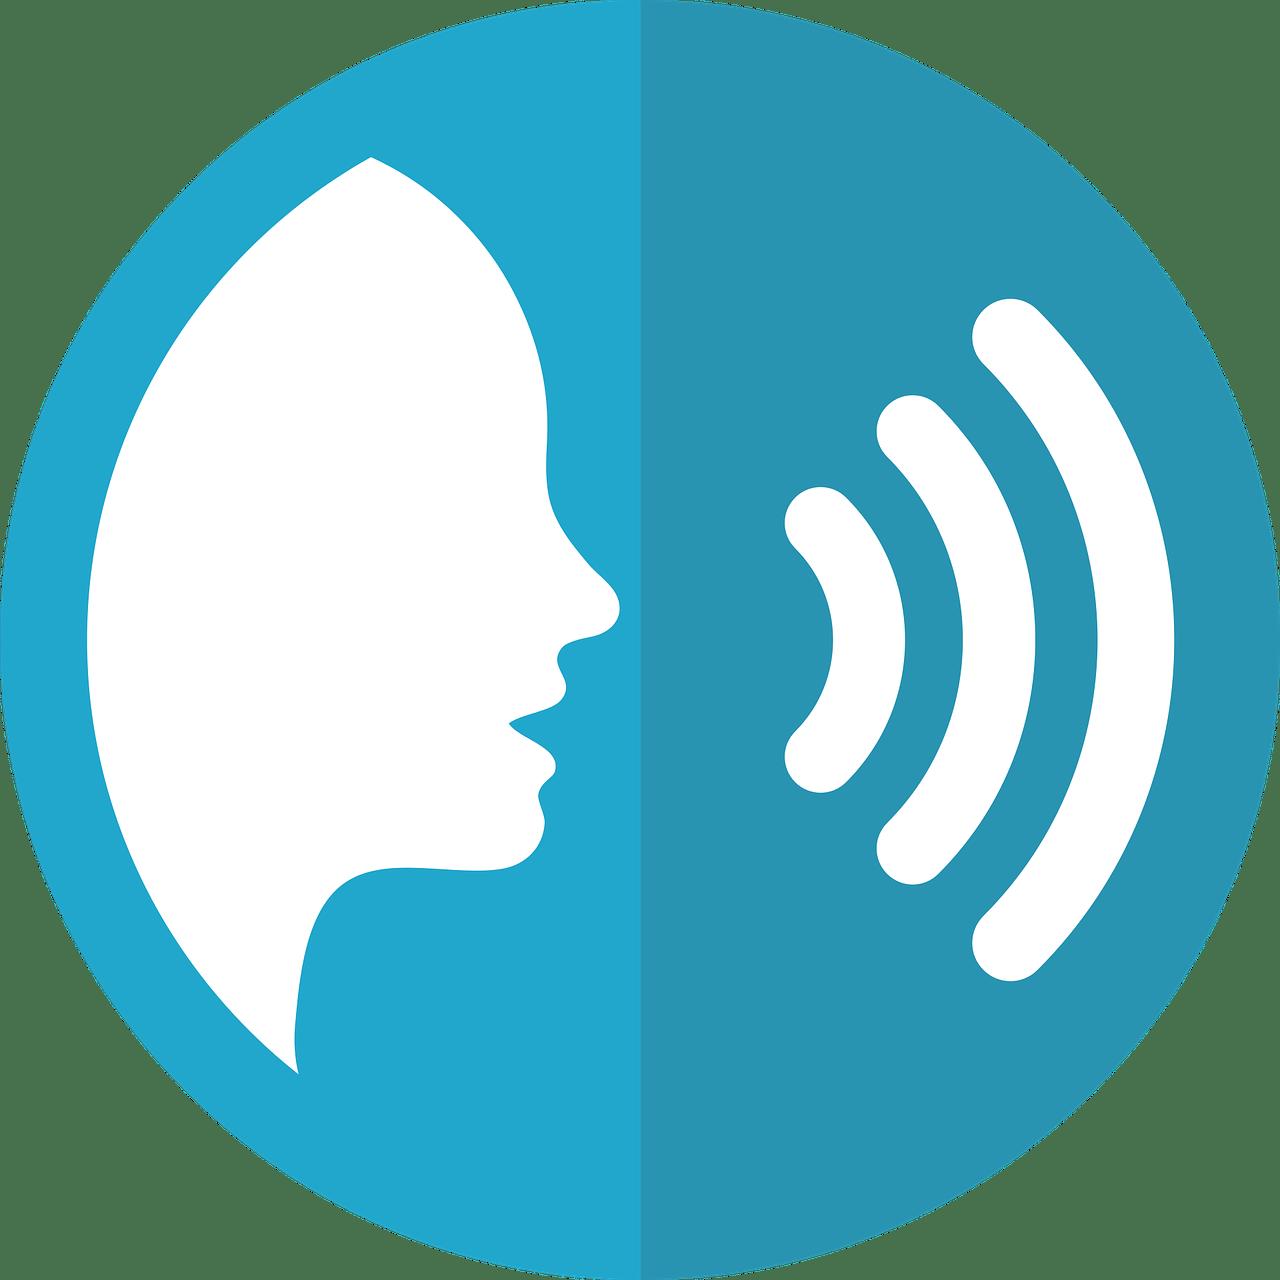 話体応化理論(スピーチアコモデーション理論)とコミュニケーション調節理論って何?